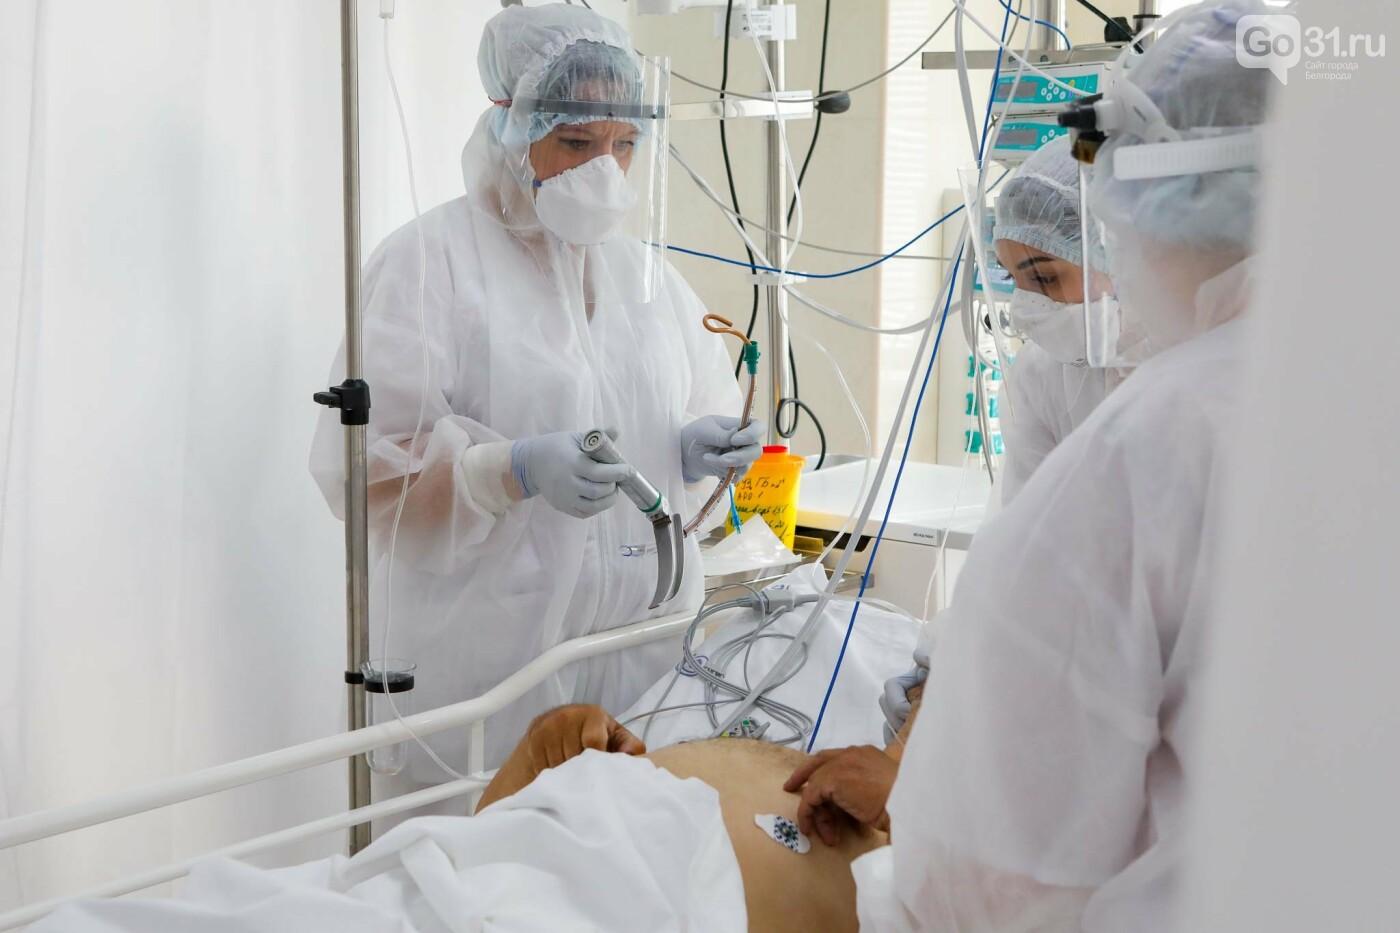 Почти 19% переболевших коронавирусом имеют пост-ковидные нарушения работы ЖКТ